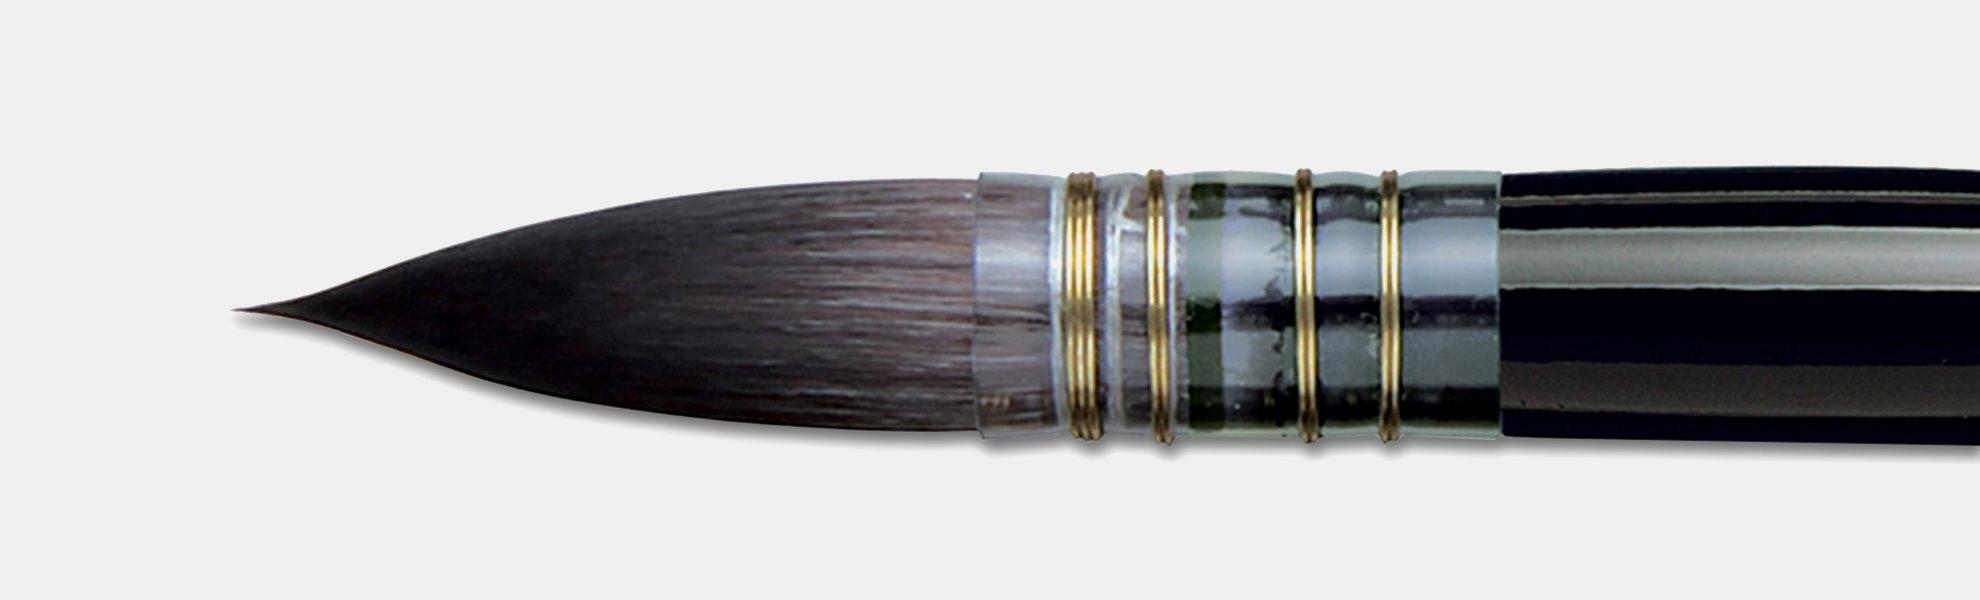 Da Vinci Casaneo 498 Quill Watercolor Brush Set